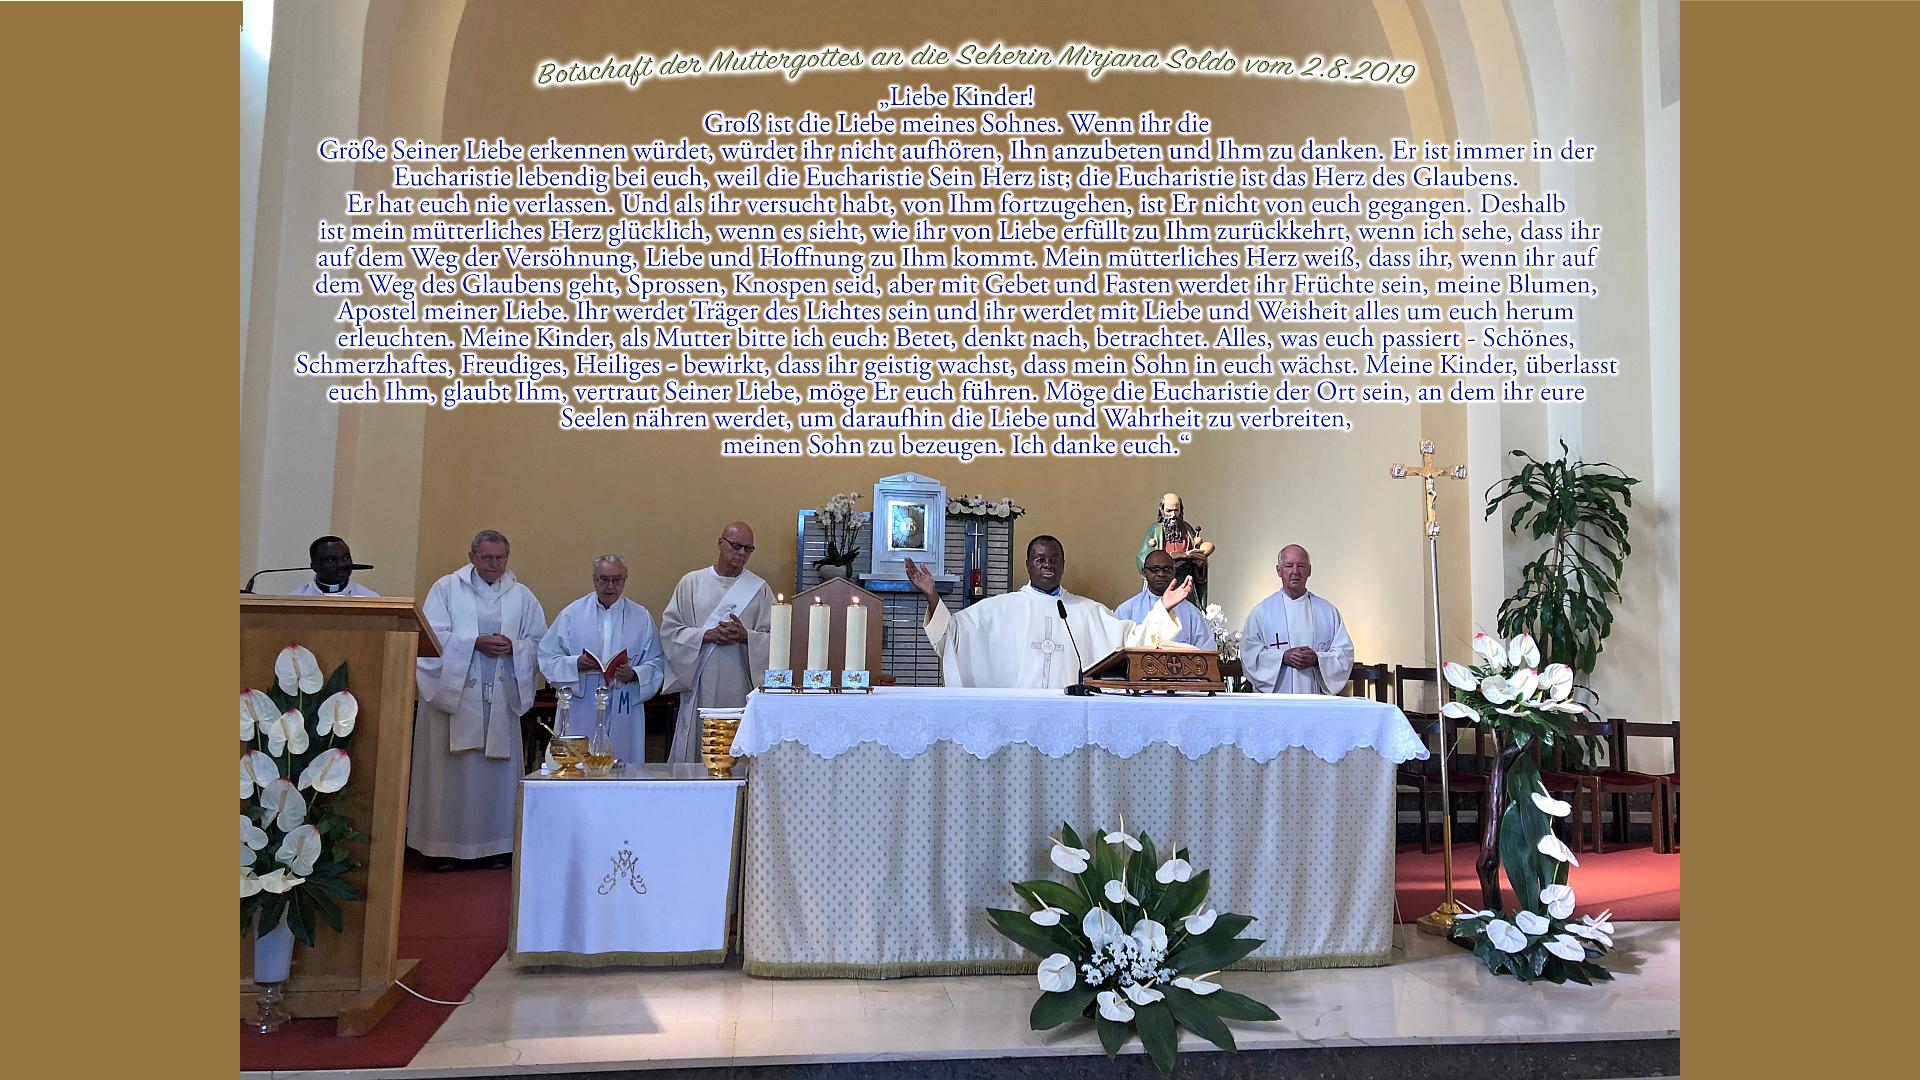 Pater Aidan Msafiri bei seiner Messe am 17. August 2019 in der Kirche von Medjugorje